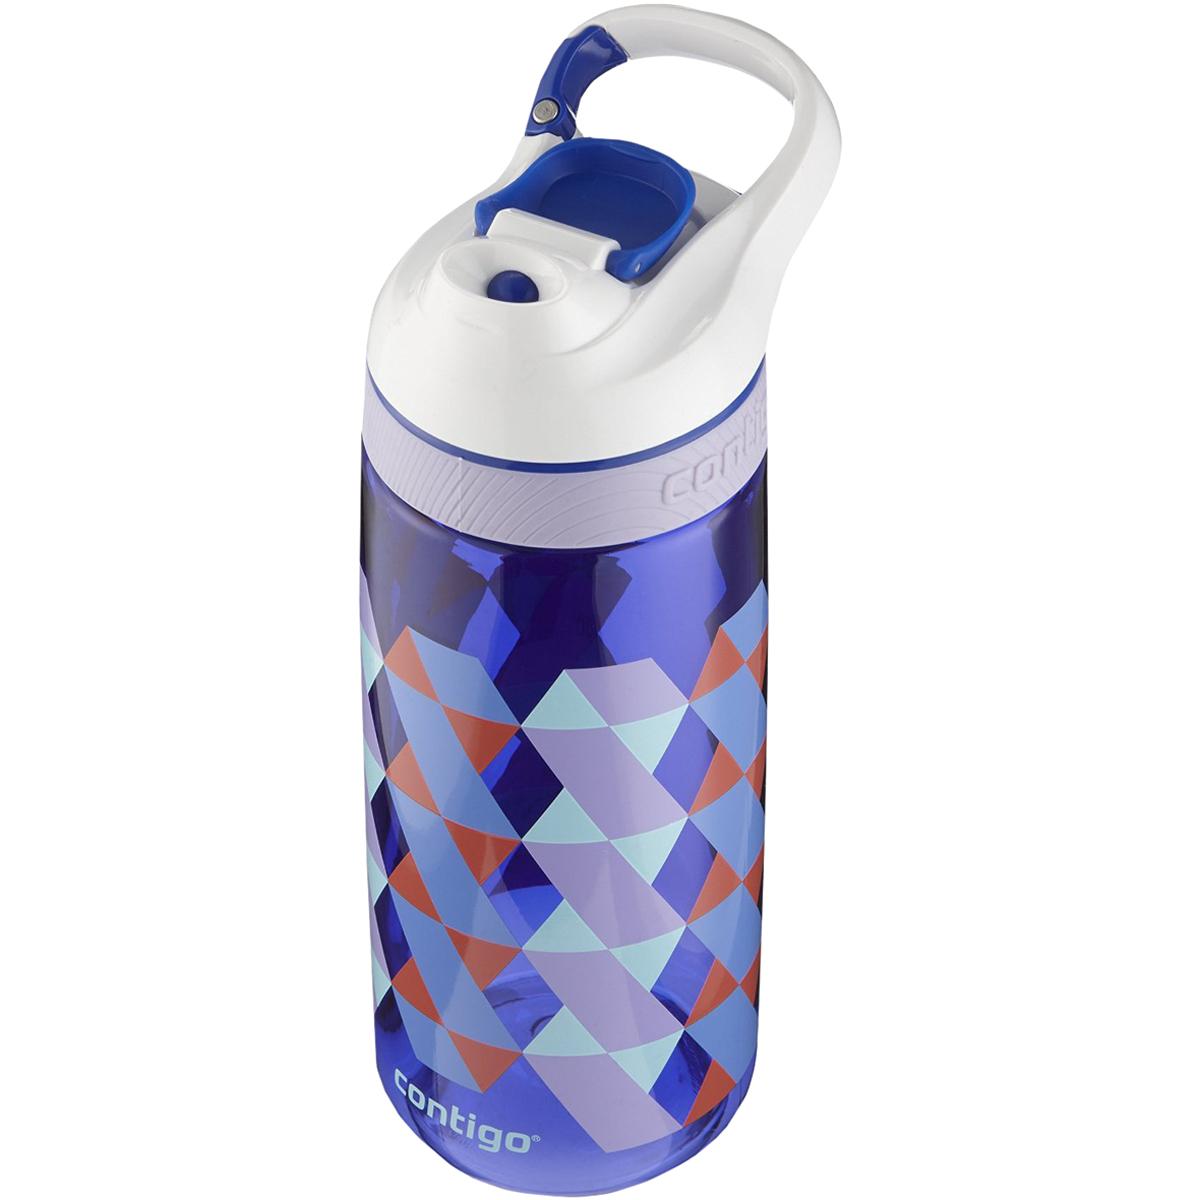 Contigo-20-oz-Kid-039-s-Courtney-AutoSeal-Water-Bottle thumbnail 6